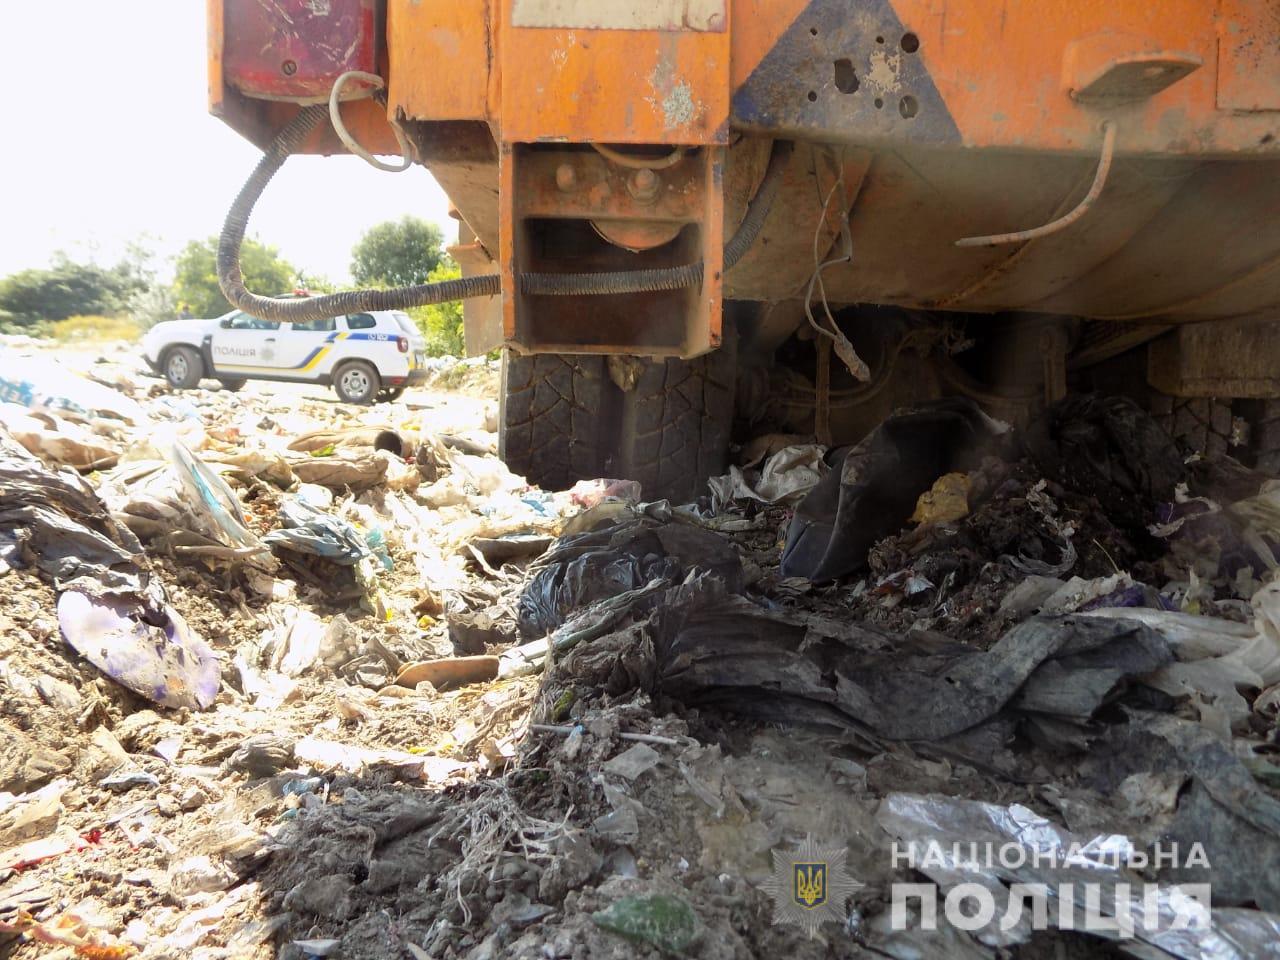 Трагедія трапилася на сміттєзвалищі у селі Дубрівка. 31-річної жительки села Білки померла у кареті швидкої так і не доїхавши до лікарні.